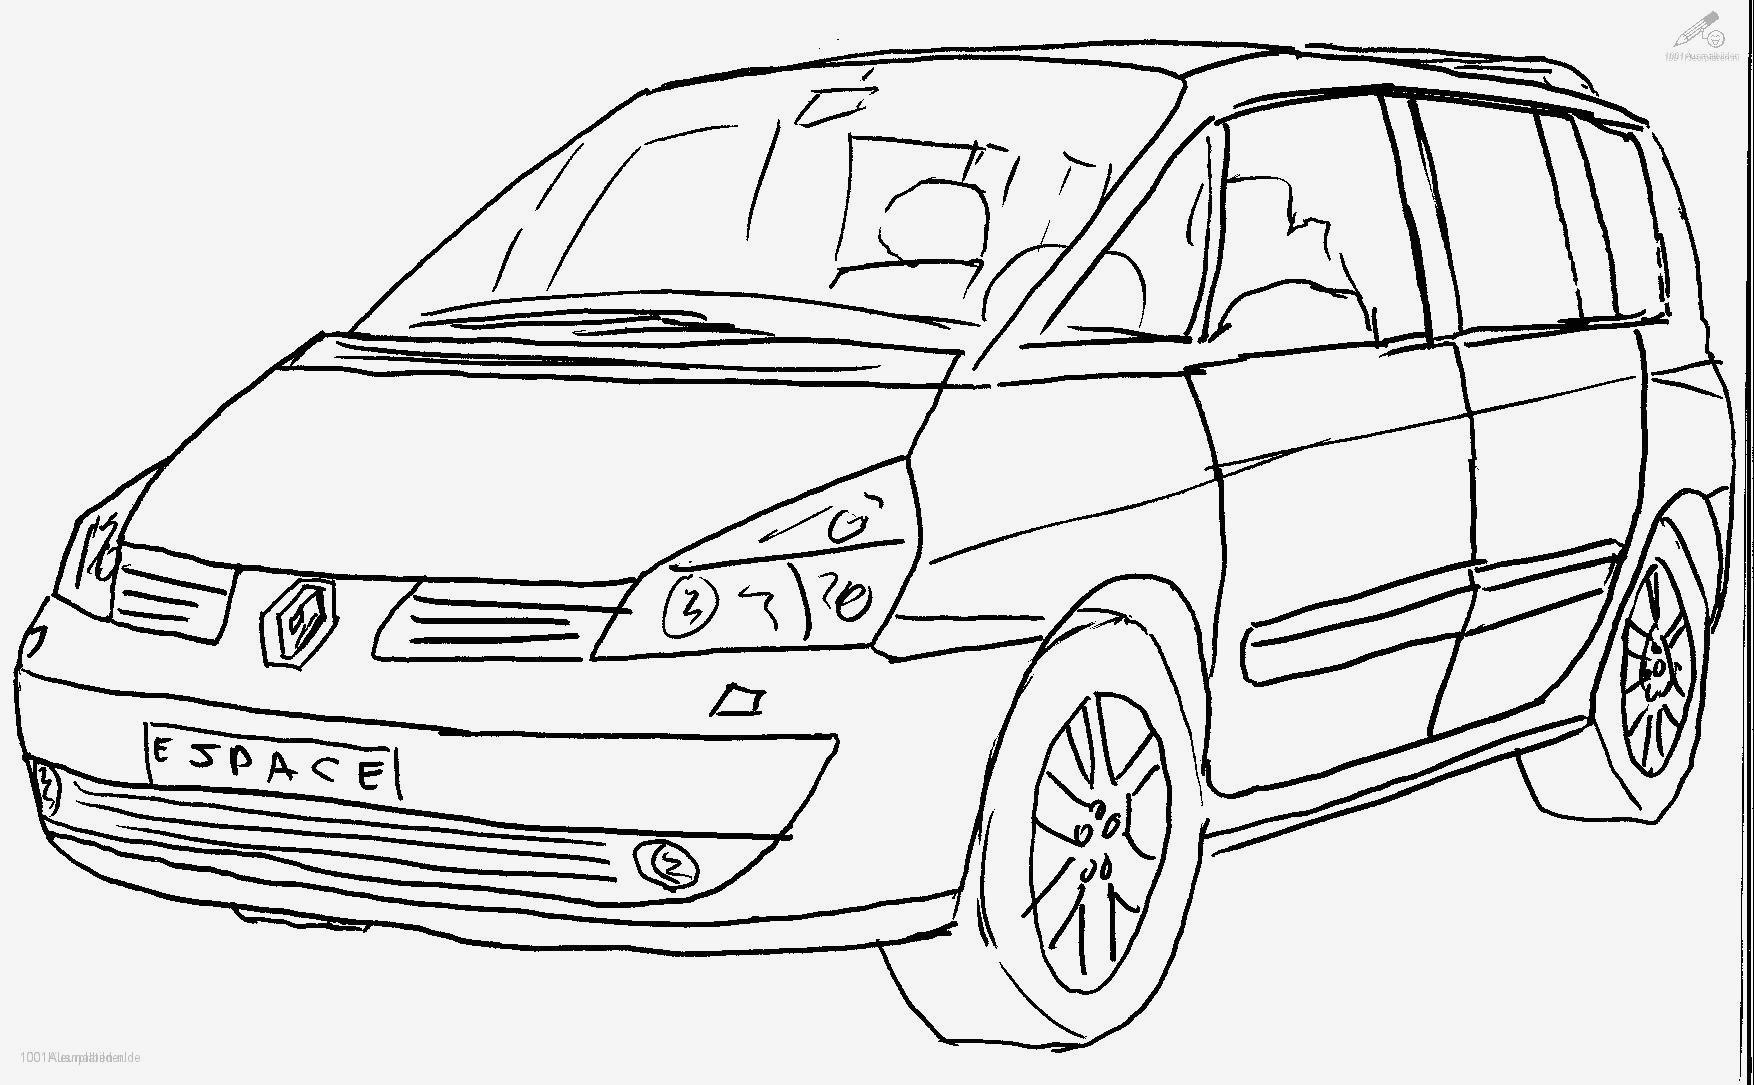 Auto Ausmalbilder Zum Ausdrucken Neu Autos Ausmalbilder Bilder Zum Ausmalen Bekommen White Bugatti Das Bild